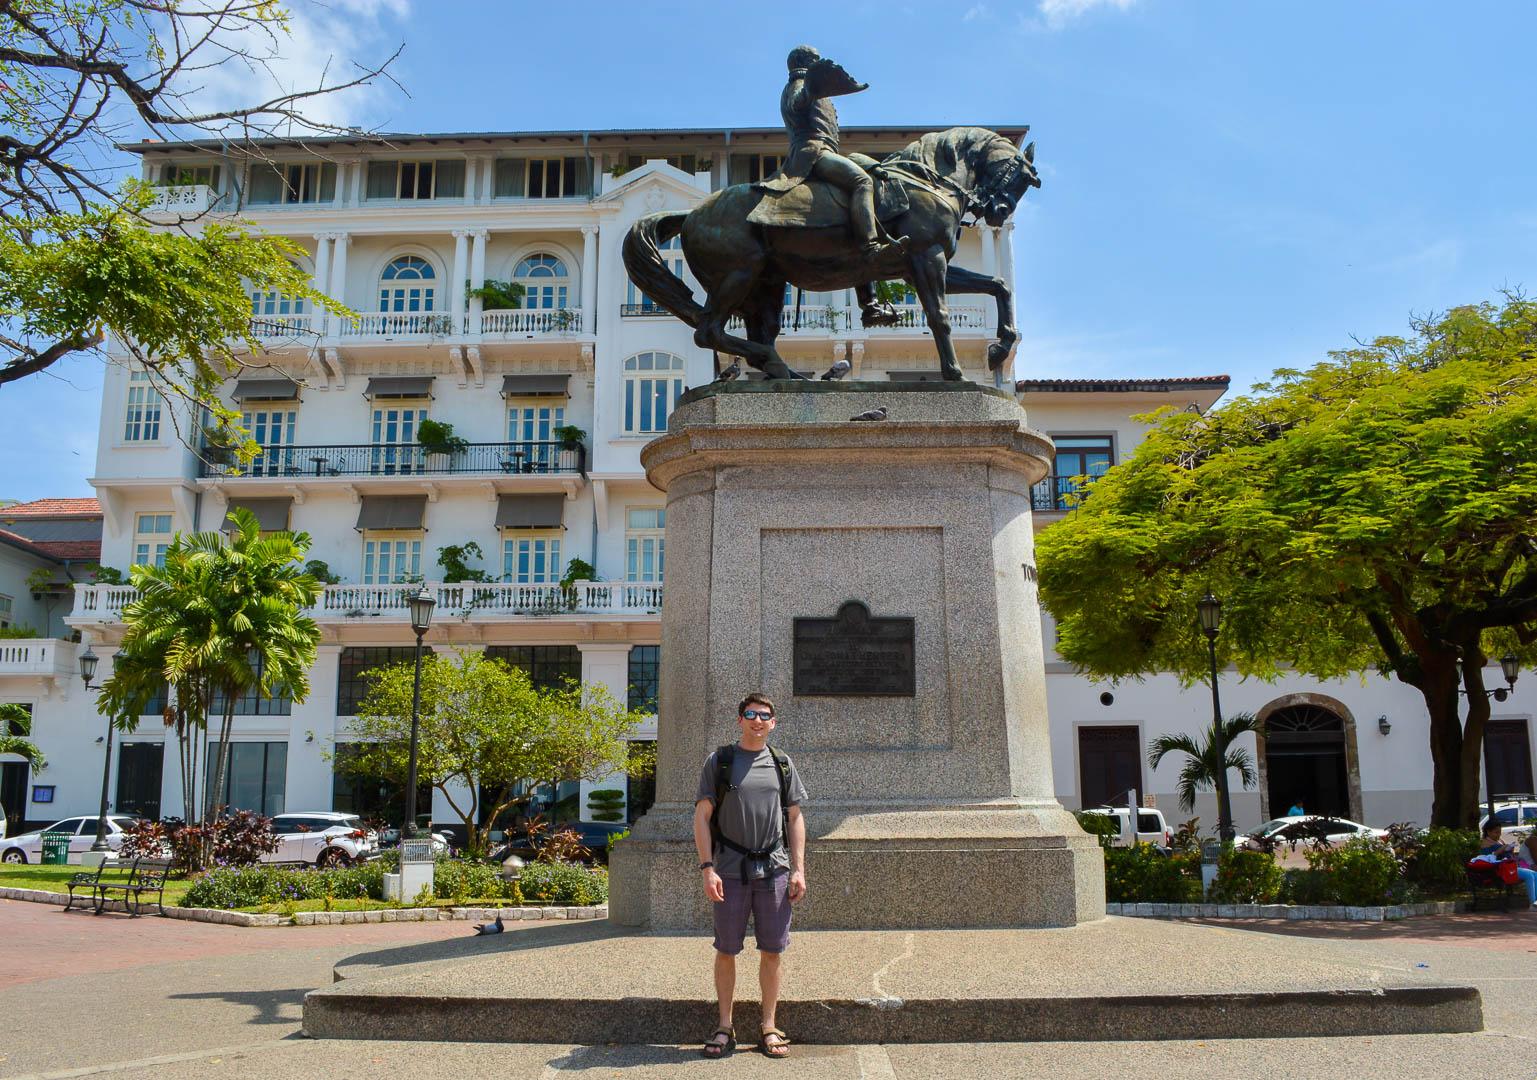 Statue of Tomas Herrera